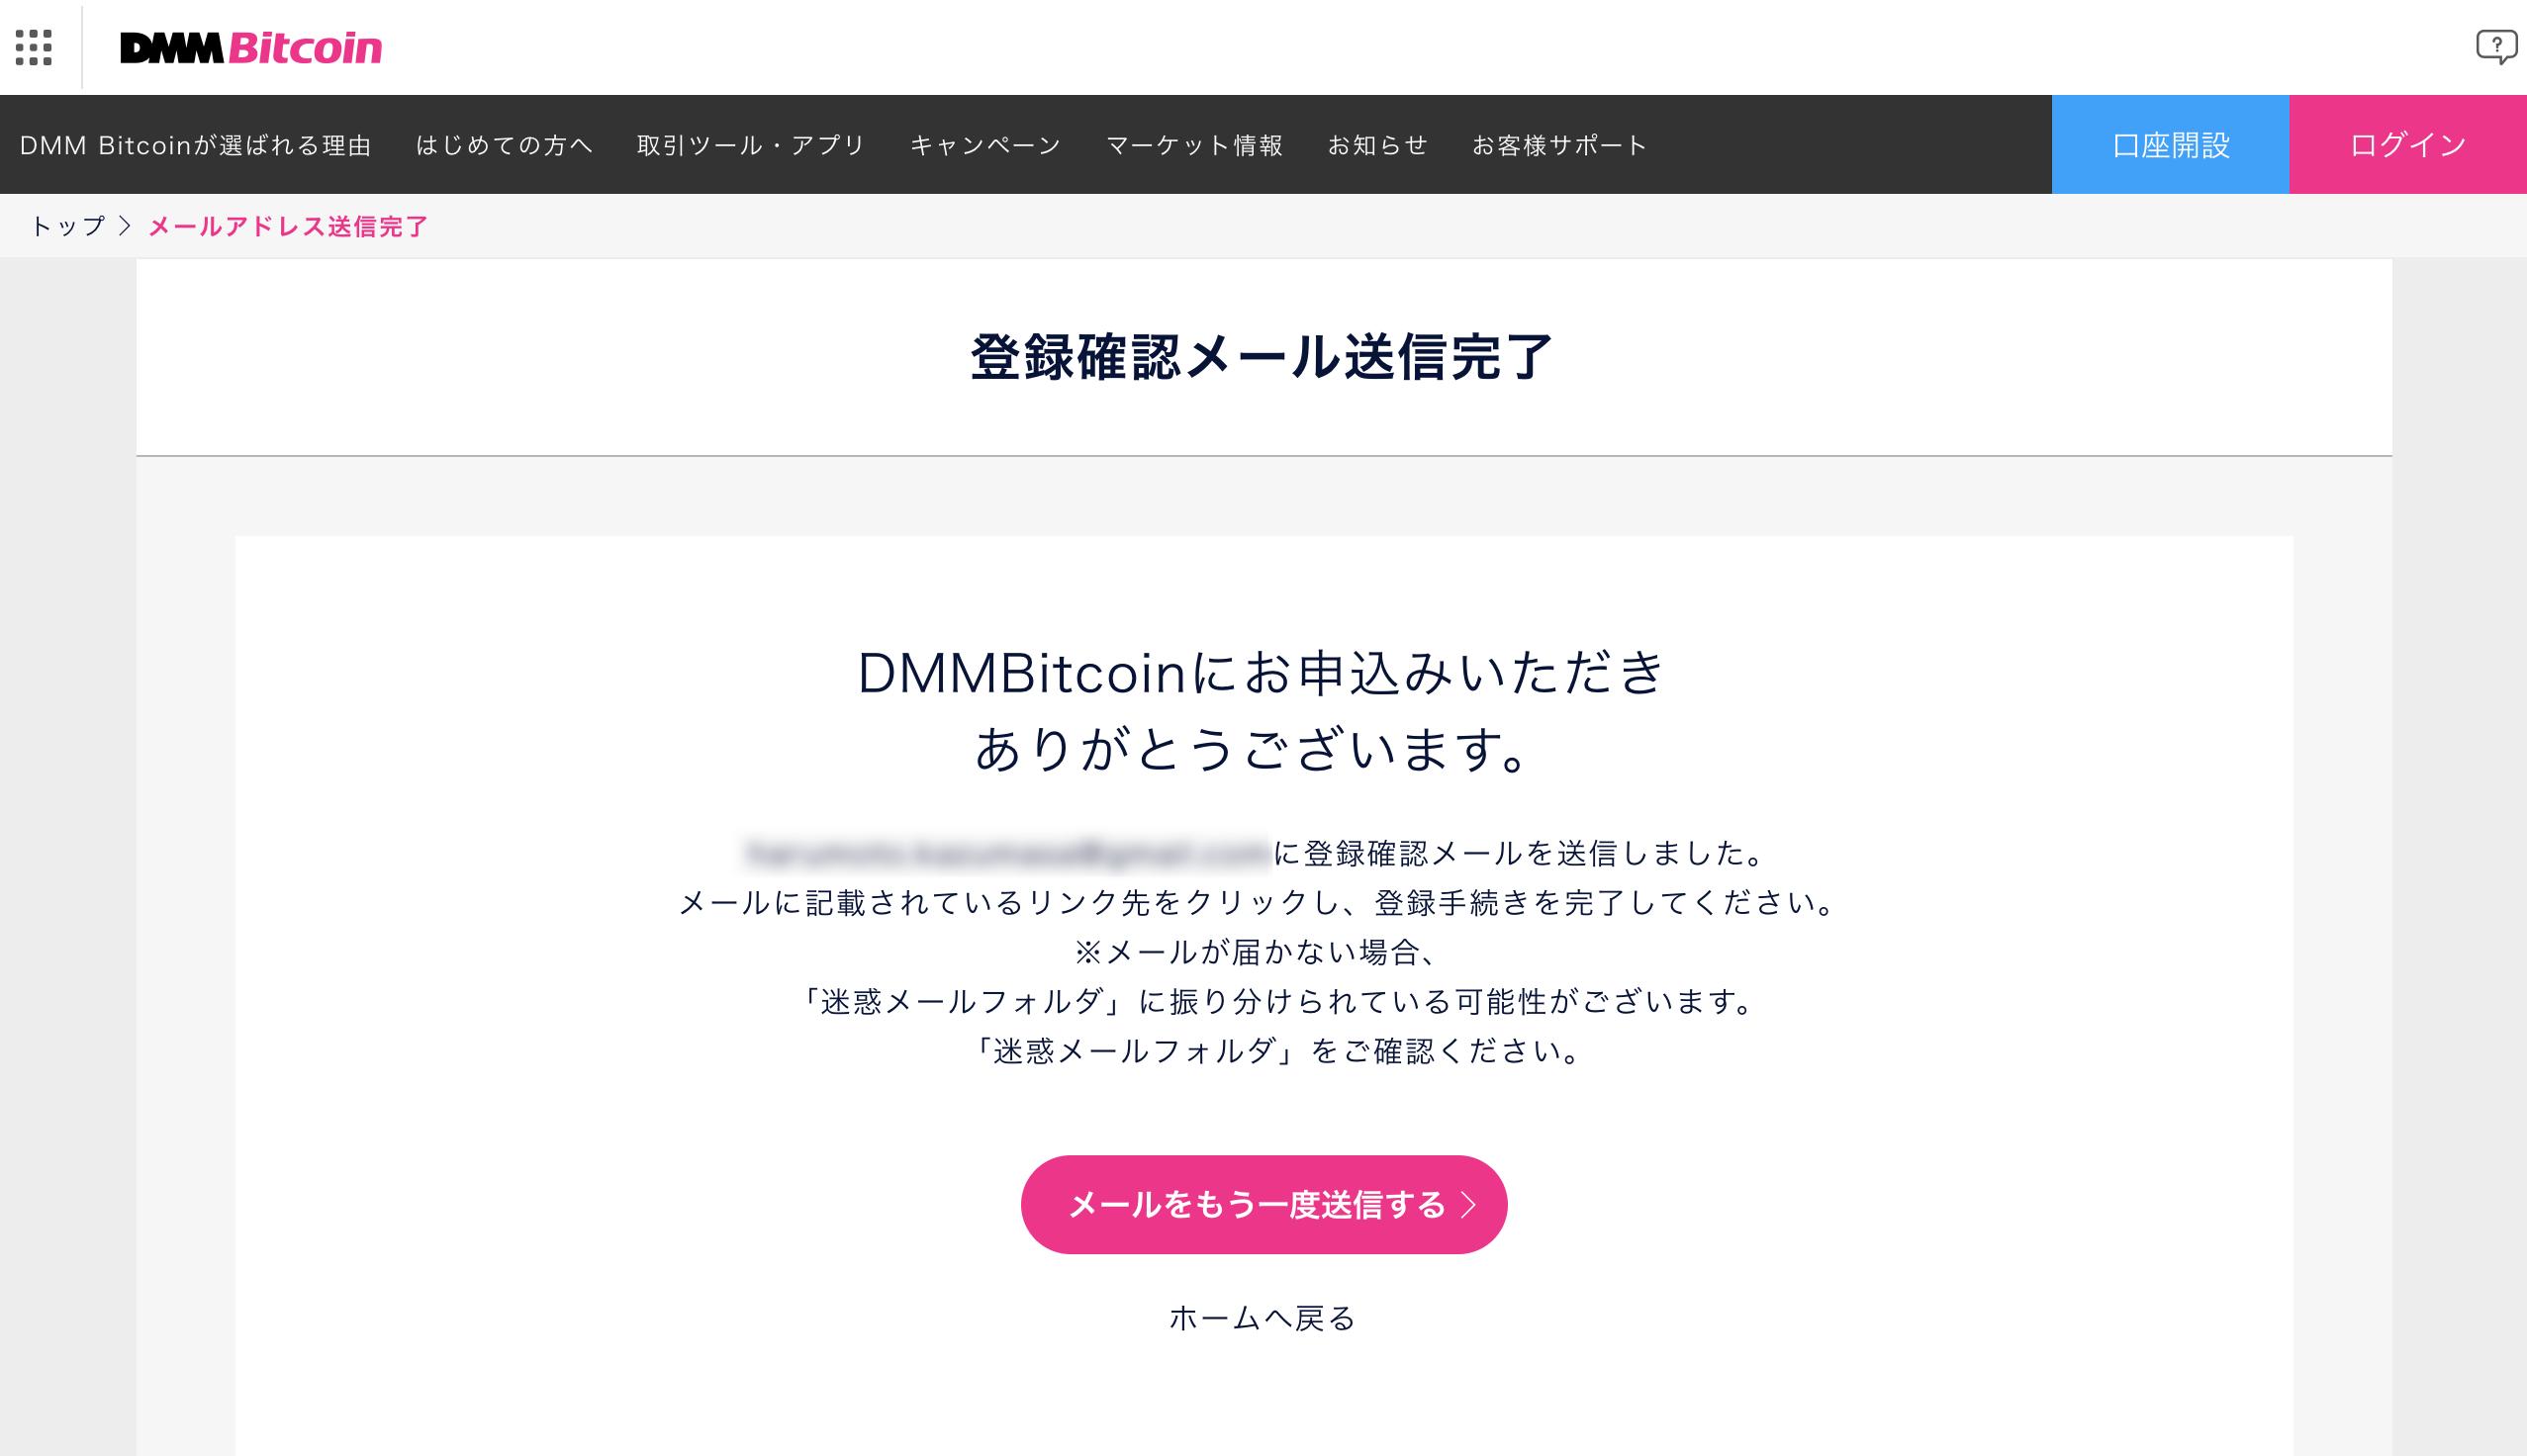 メールアドレス送信完了 DMMBitcoin